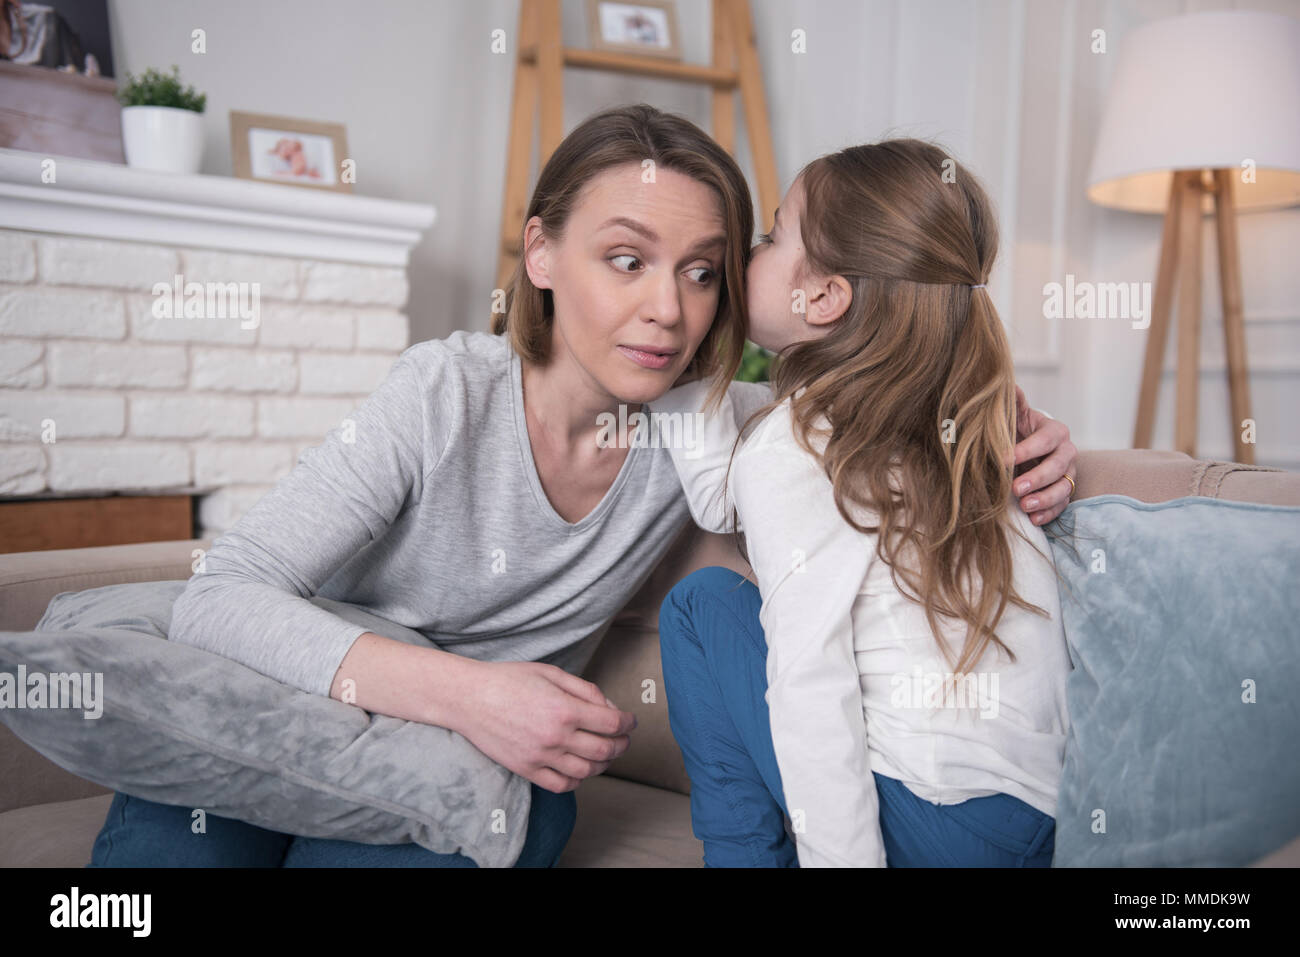 Inspired girl telling secrets to her mom - Stock Image